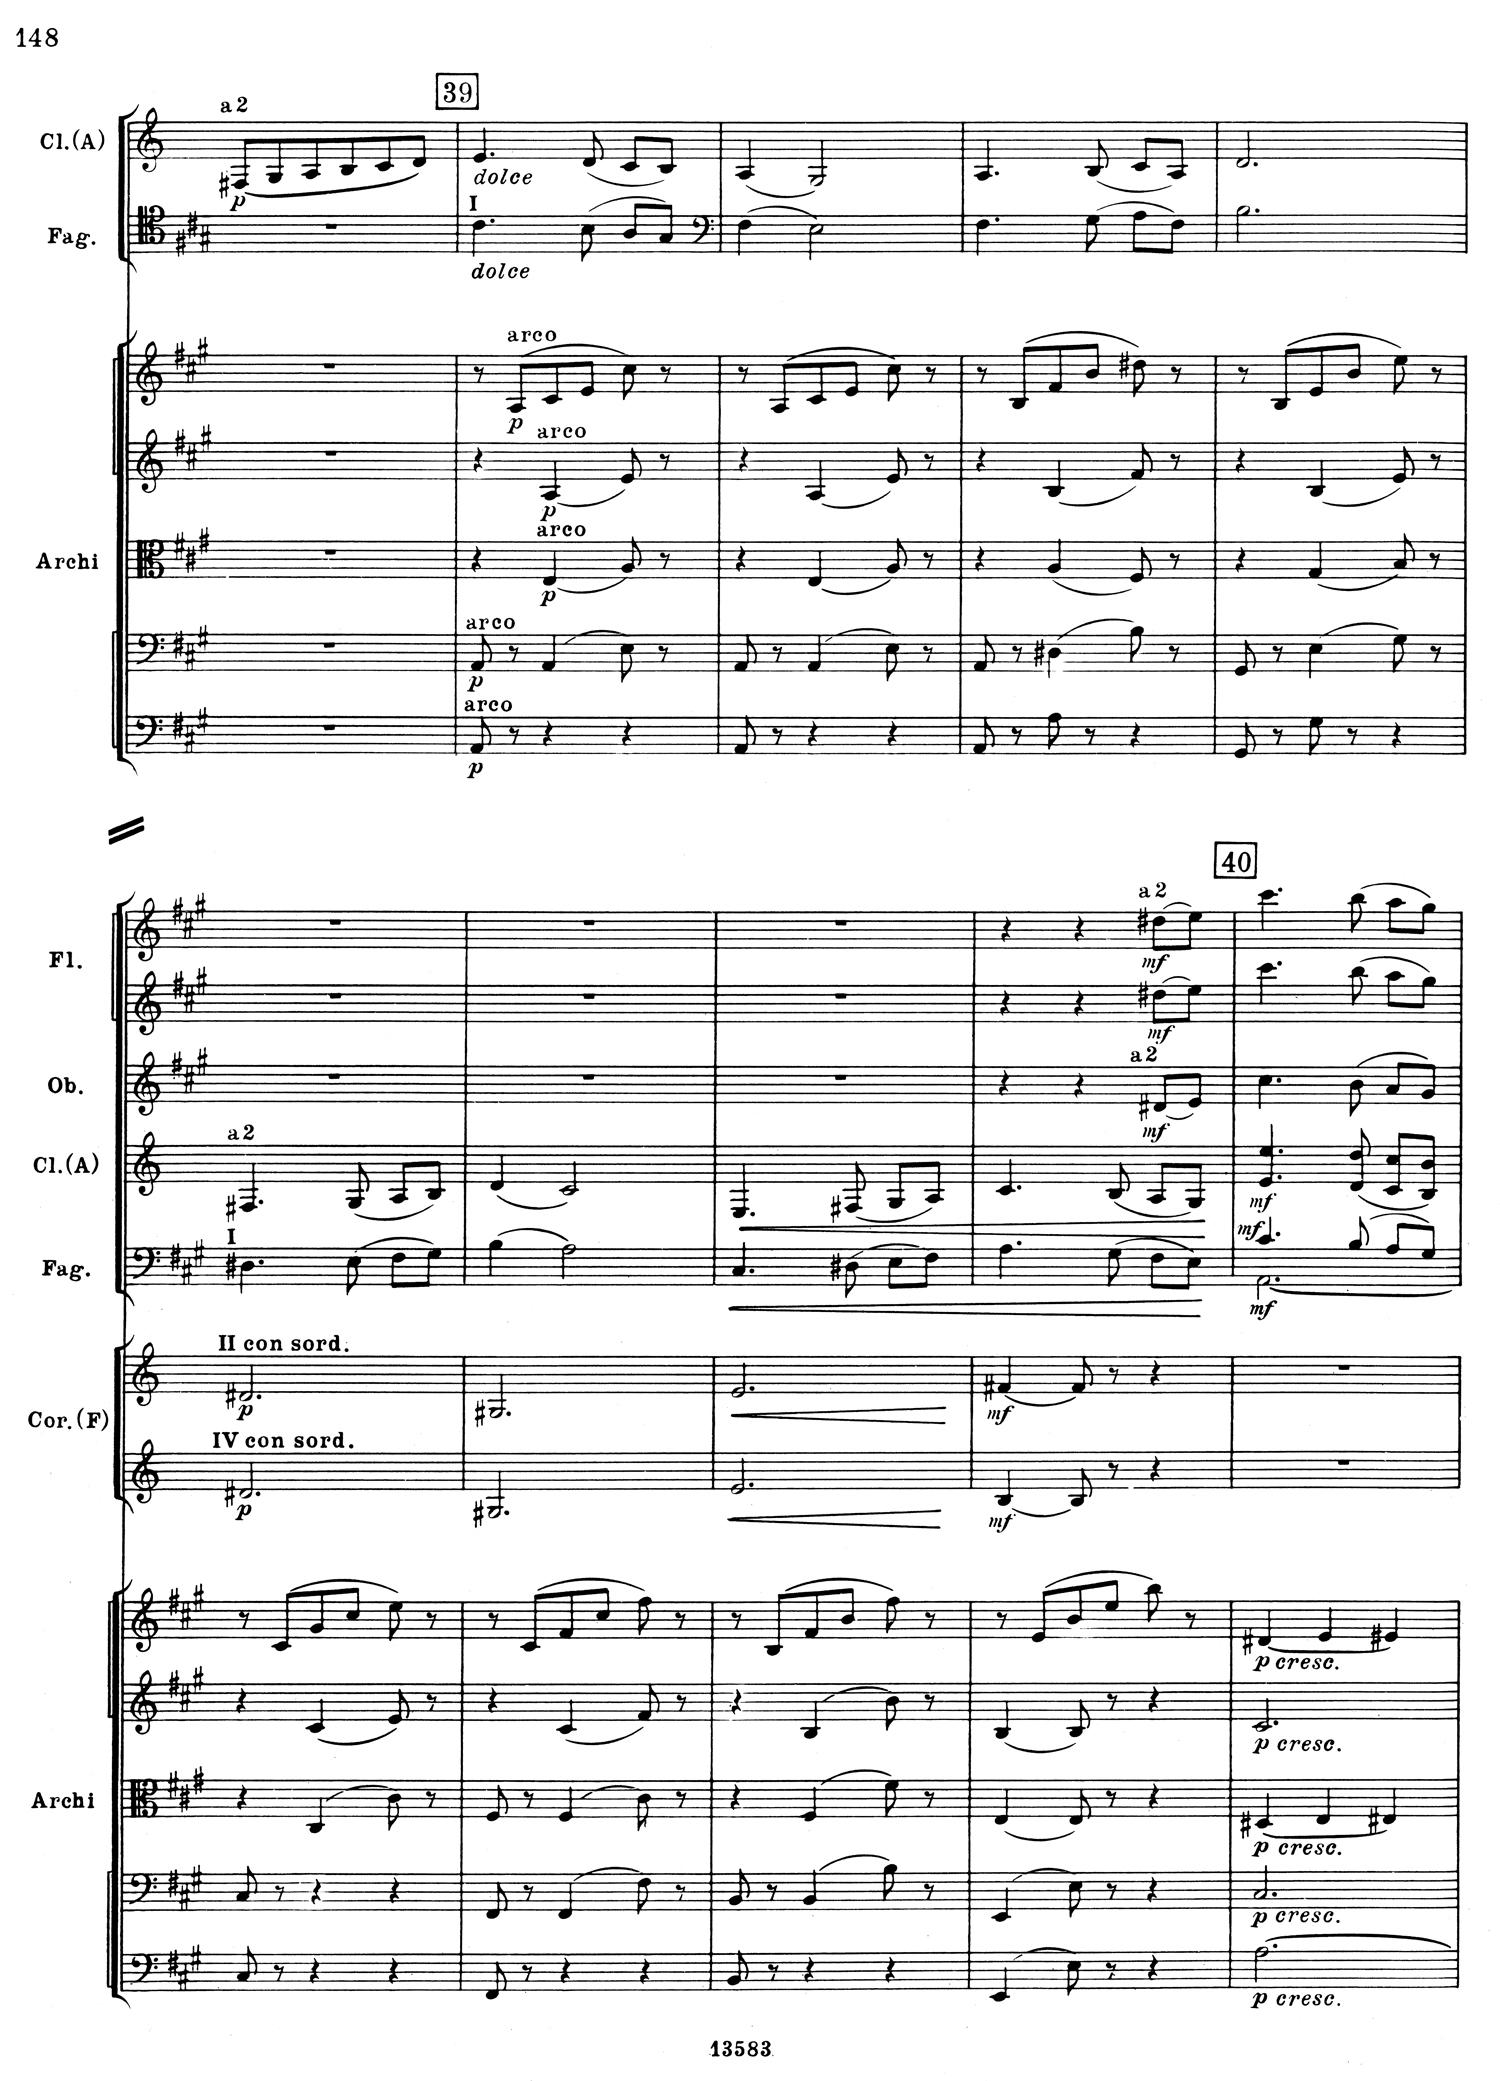 Tchaikovsky 5 Mvt 3 Score 3.jpg